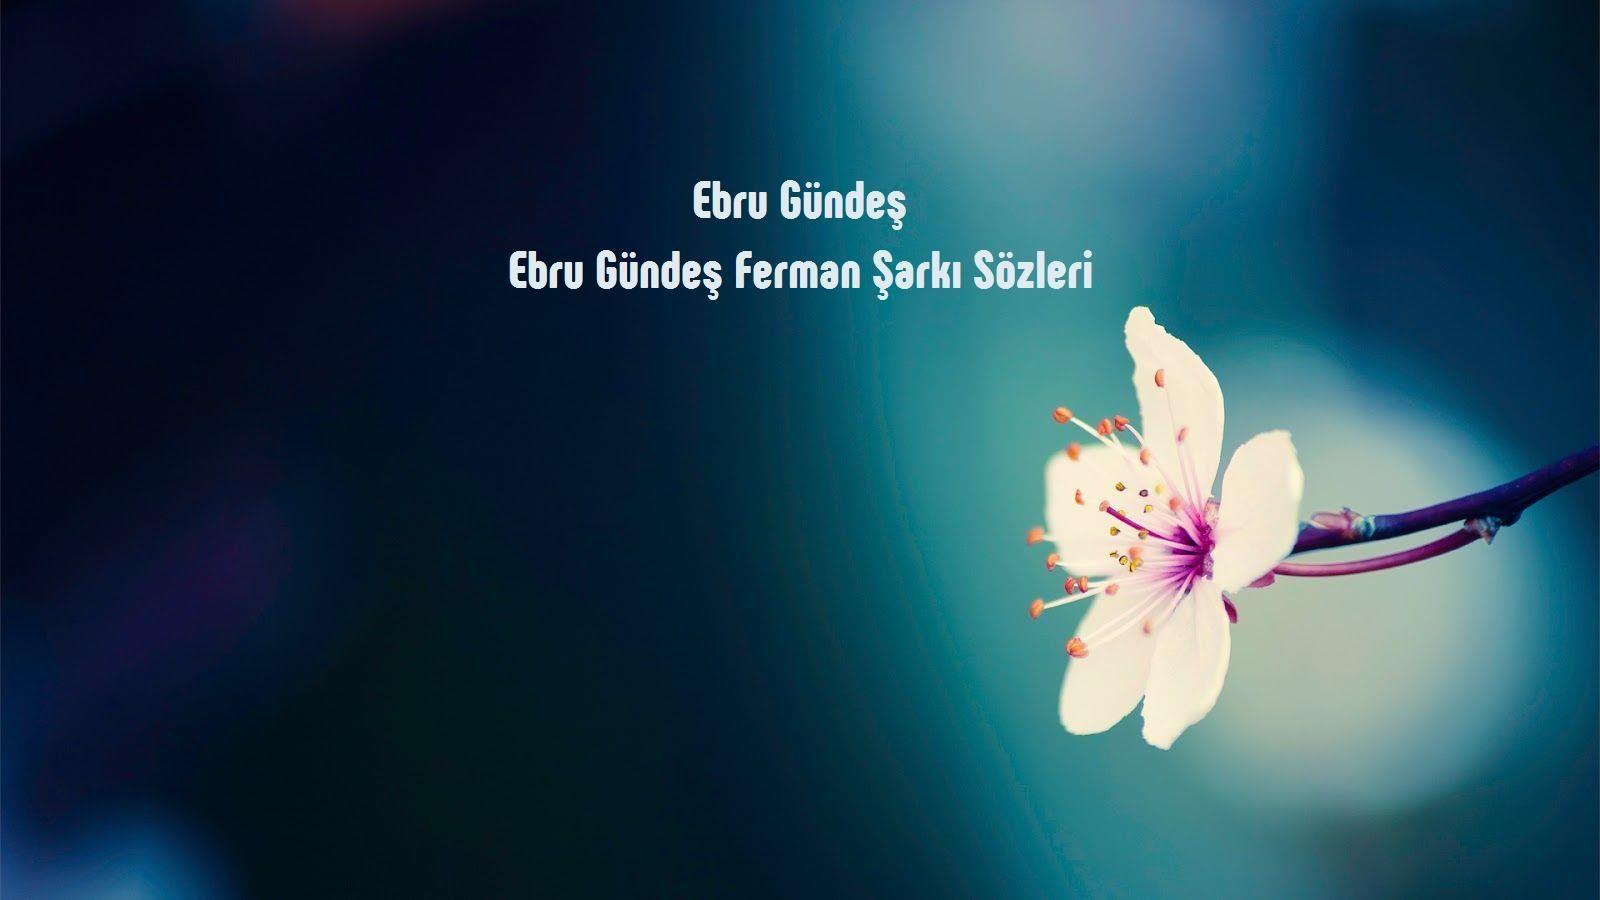 Ebru Gündeş Ferman sözleri http://sarki-sozleri.web.tr/ebru-gundes-ferman-sozleri/